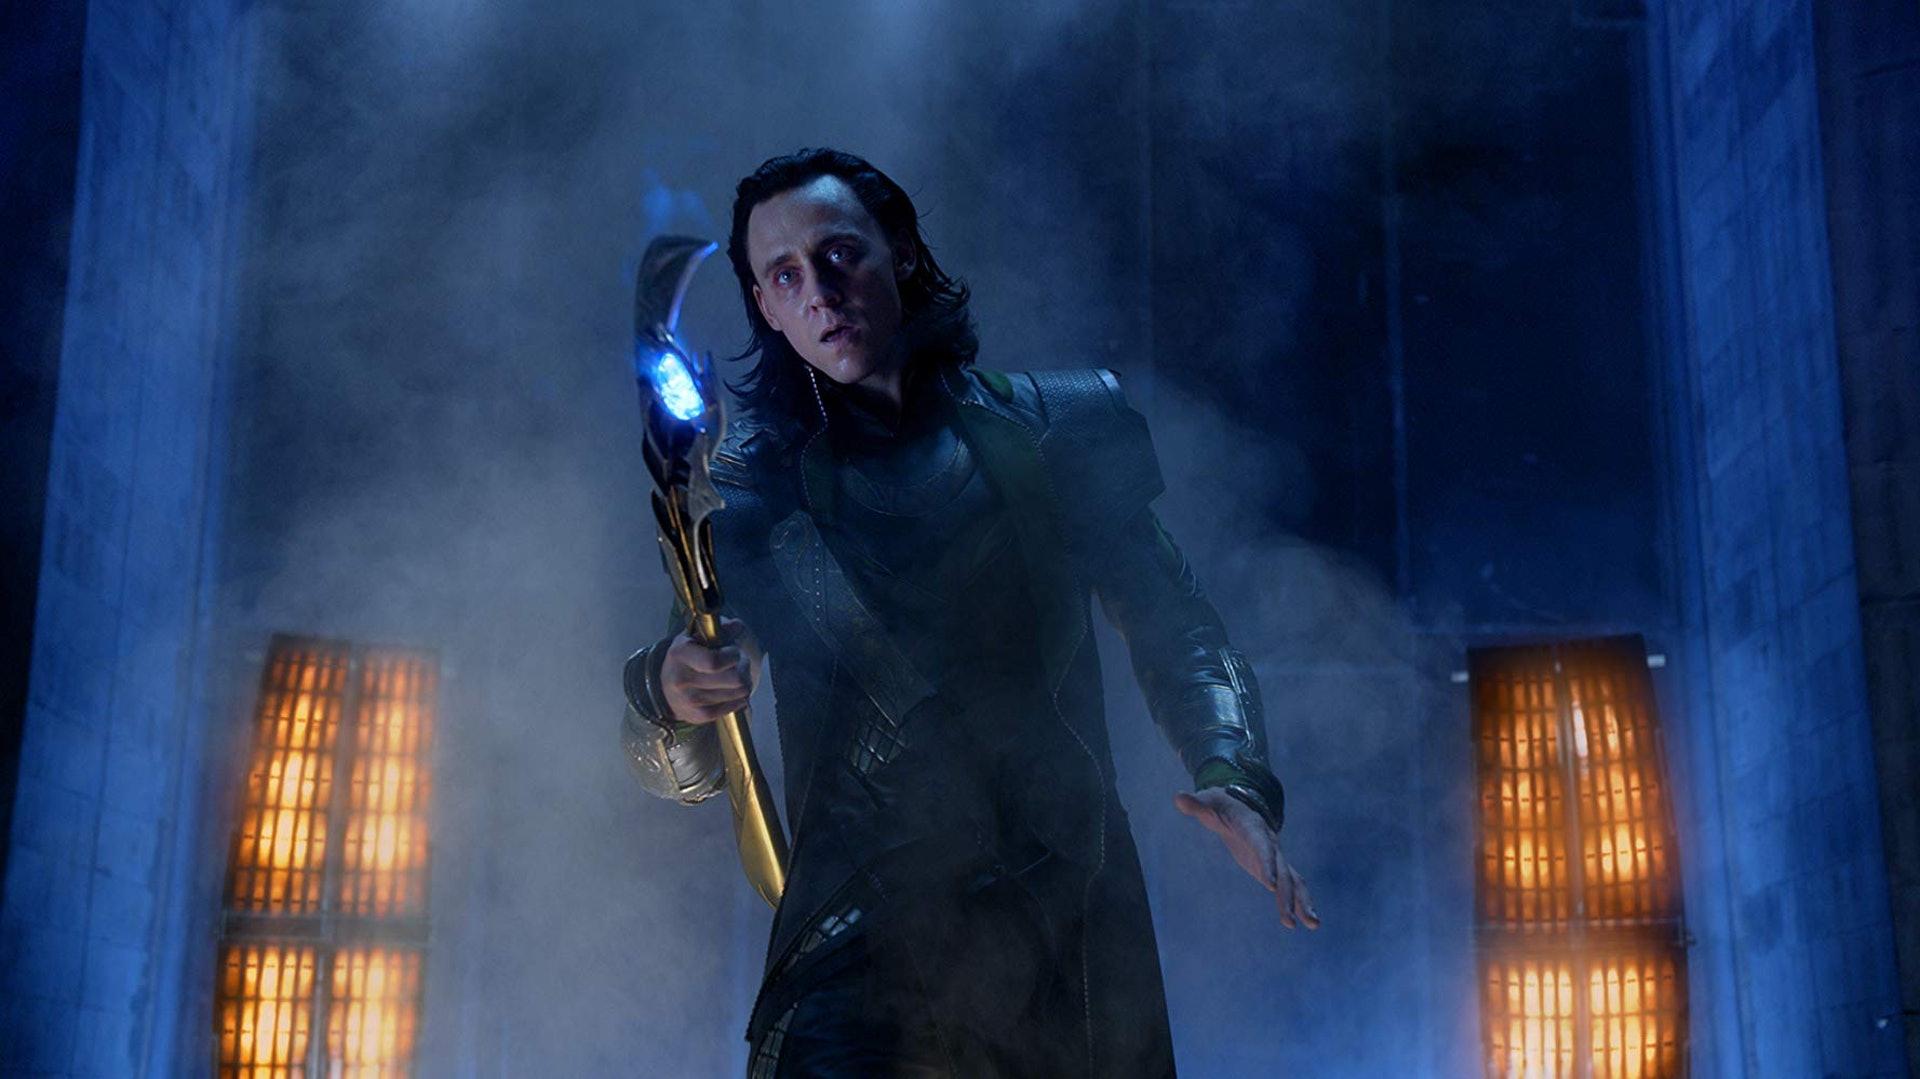 湯姆希德斯頓(Tom Hiddleston)扮演的洛基